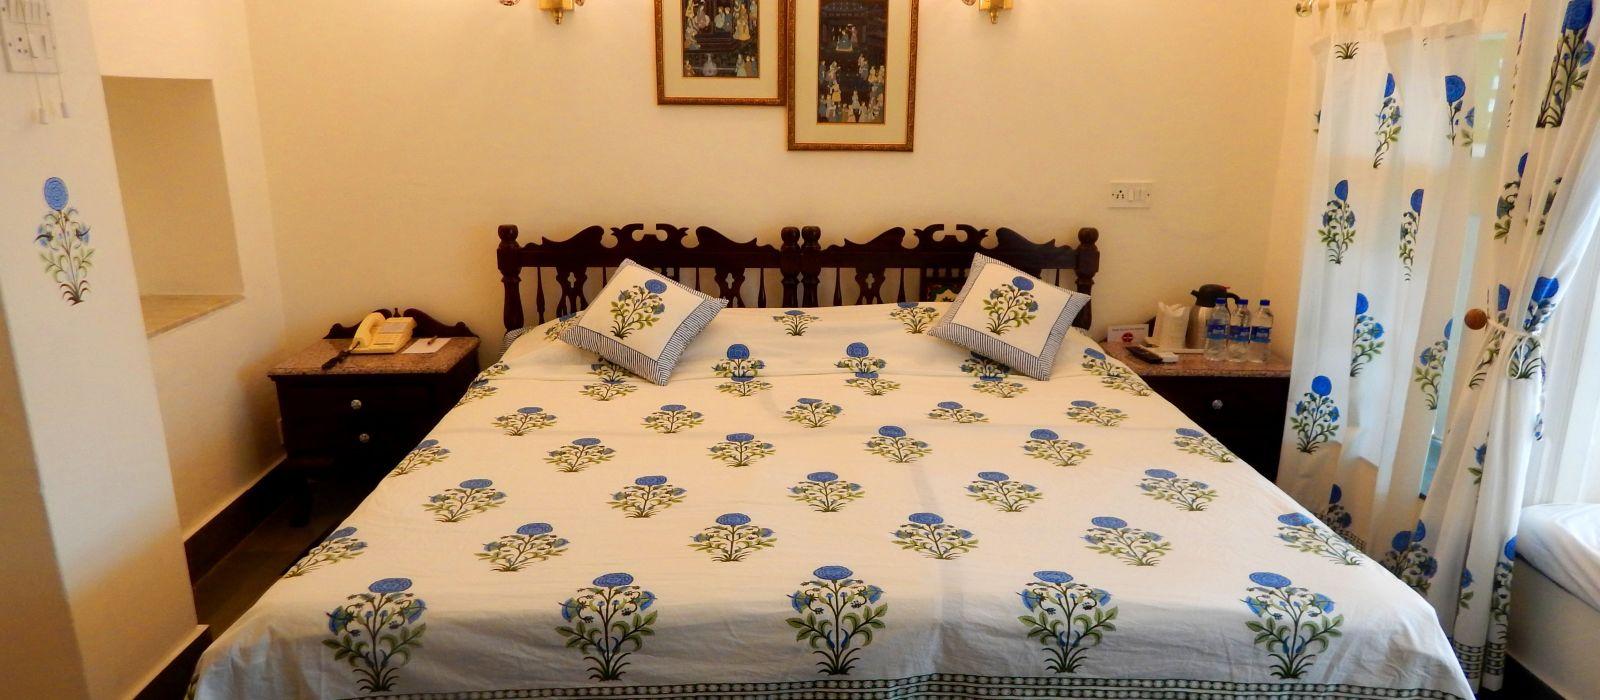 Hotel Jagat Niwas Palace North India